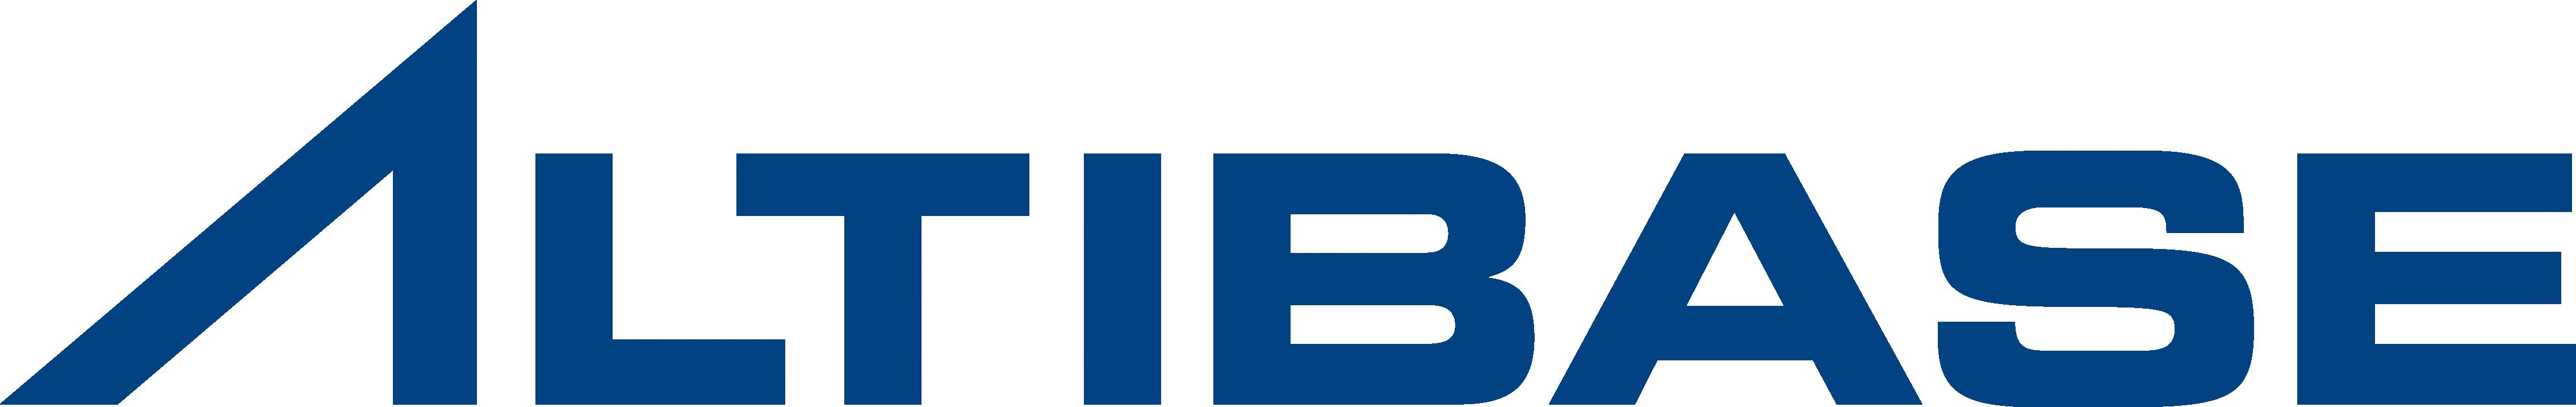 Altibase_Logo_v2_navy.png